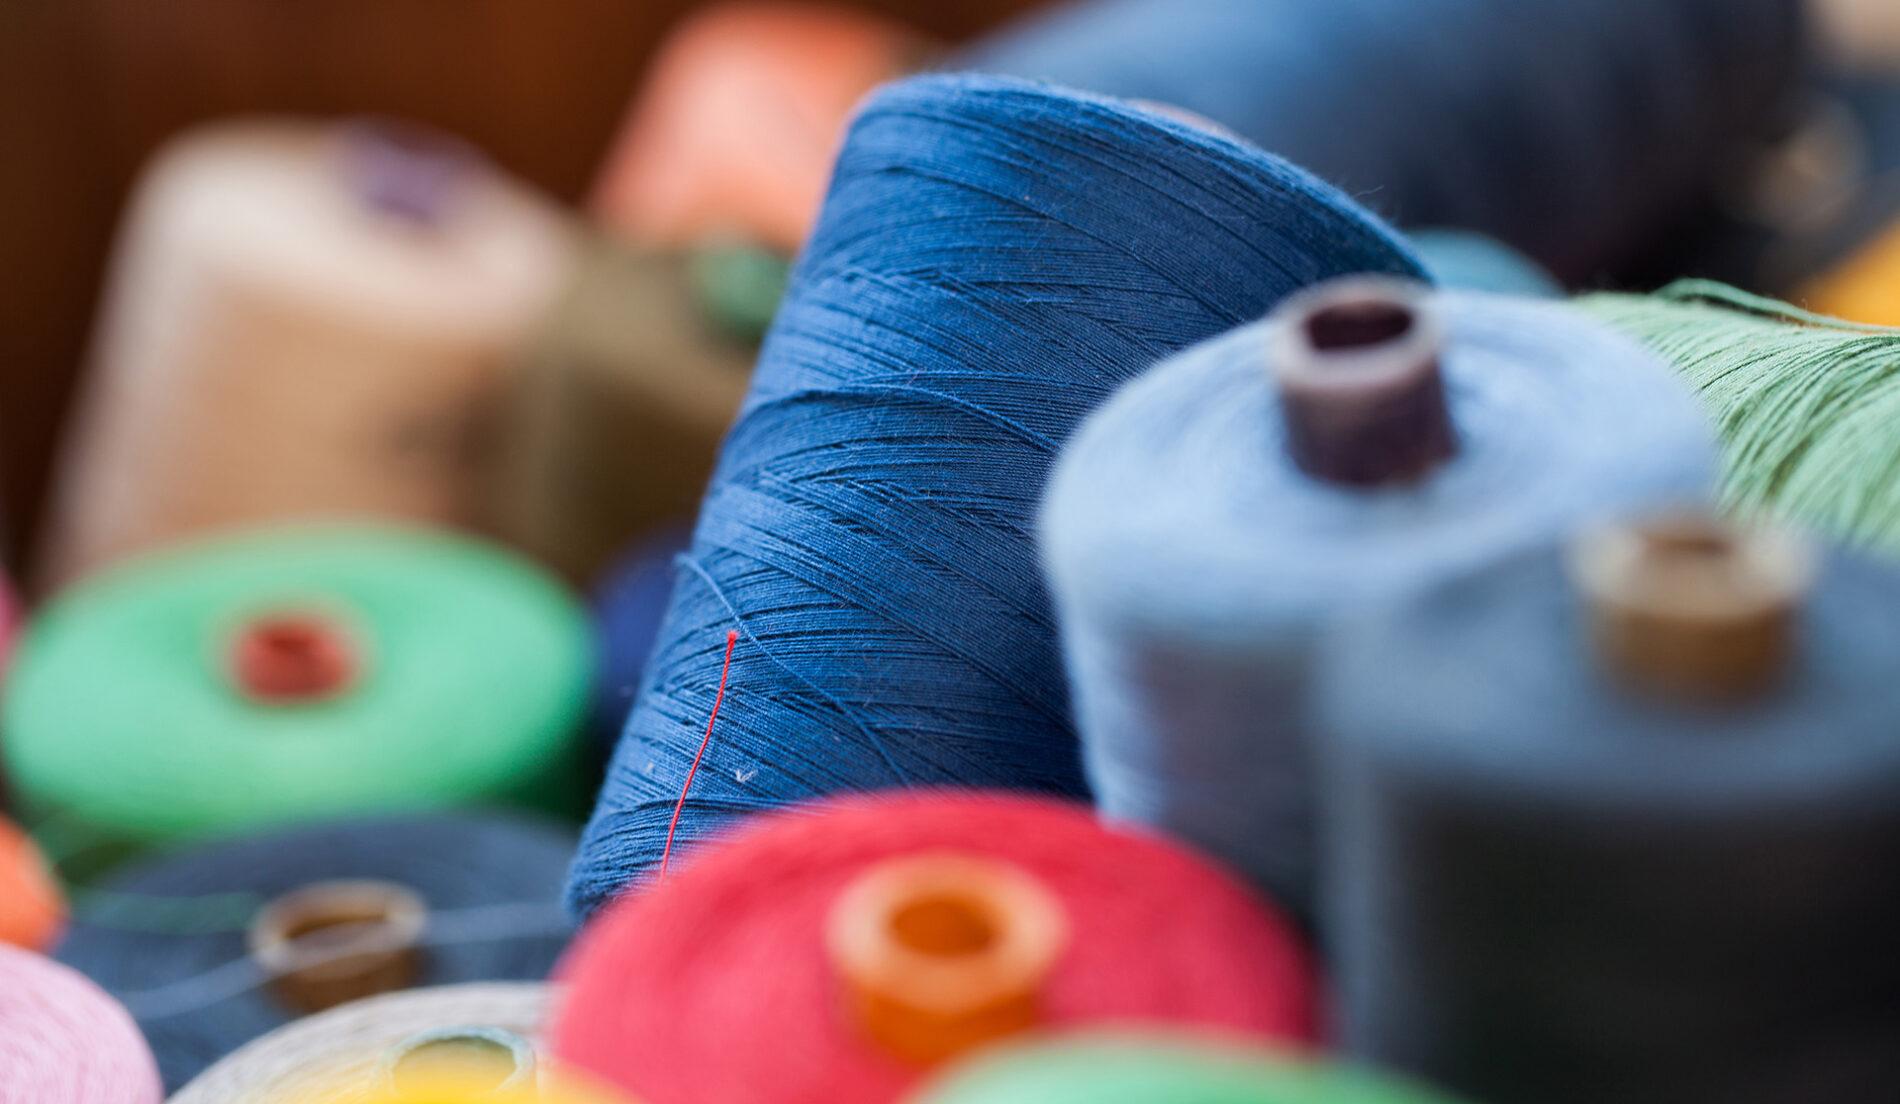 M/S. V. P. Textiles